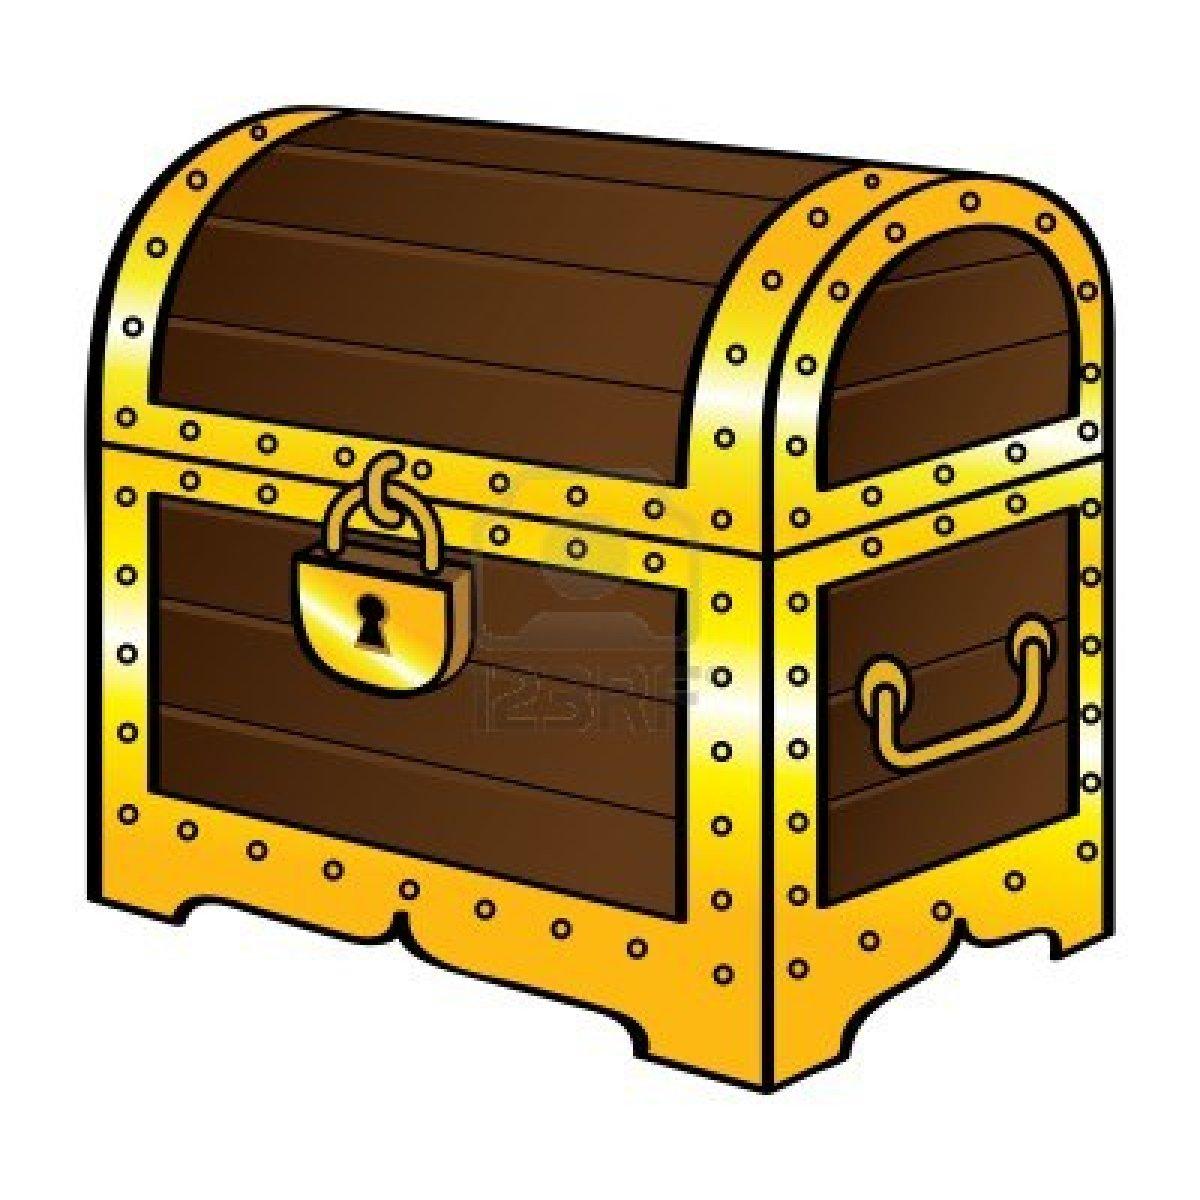 Treasure chest clip art.